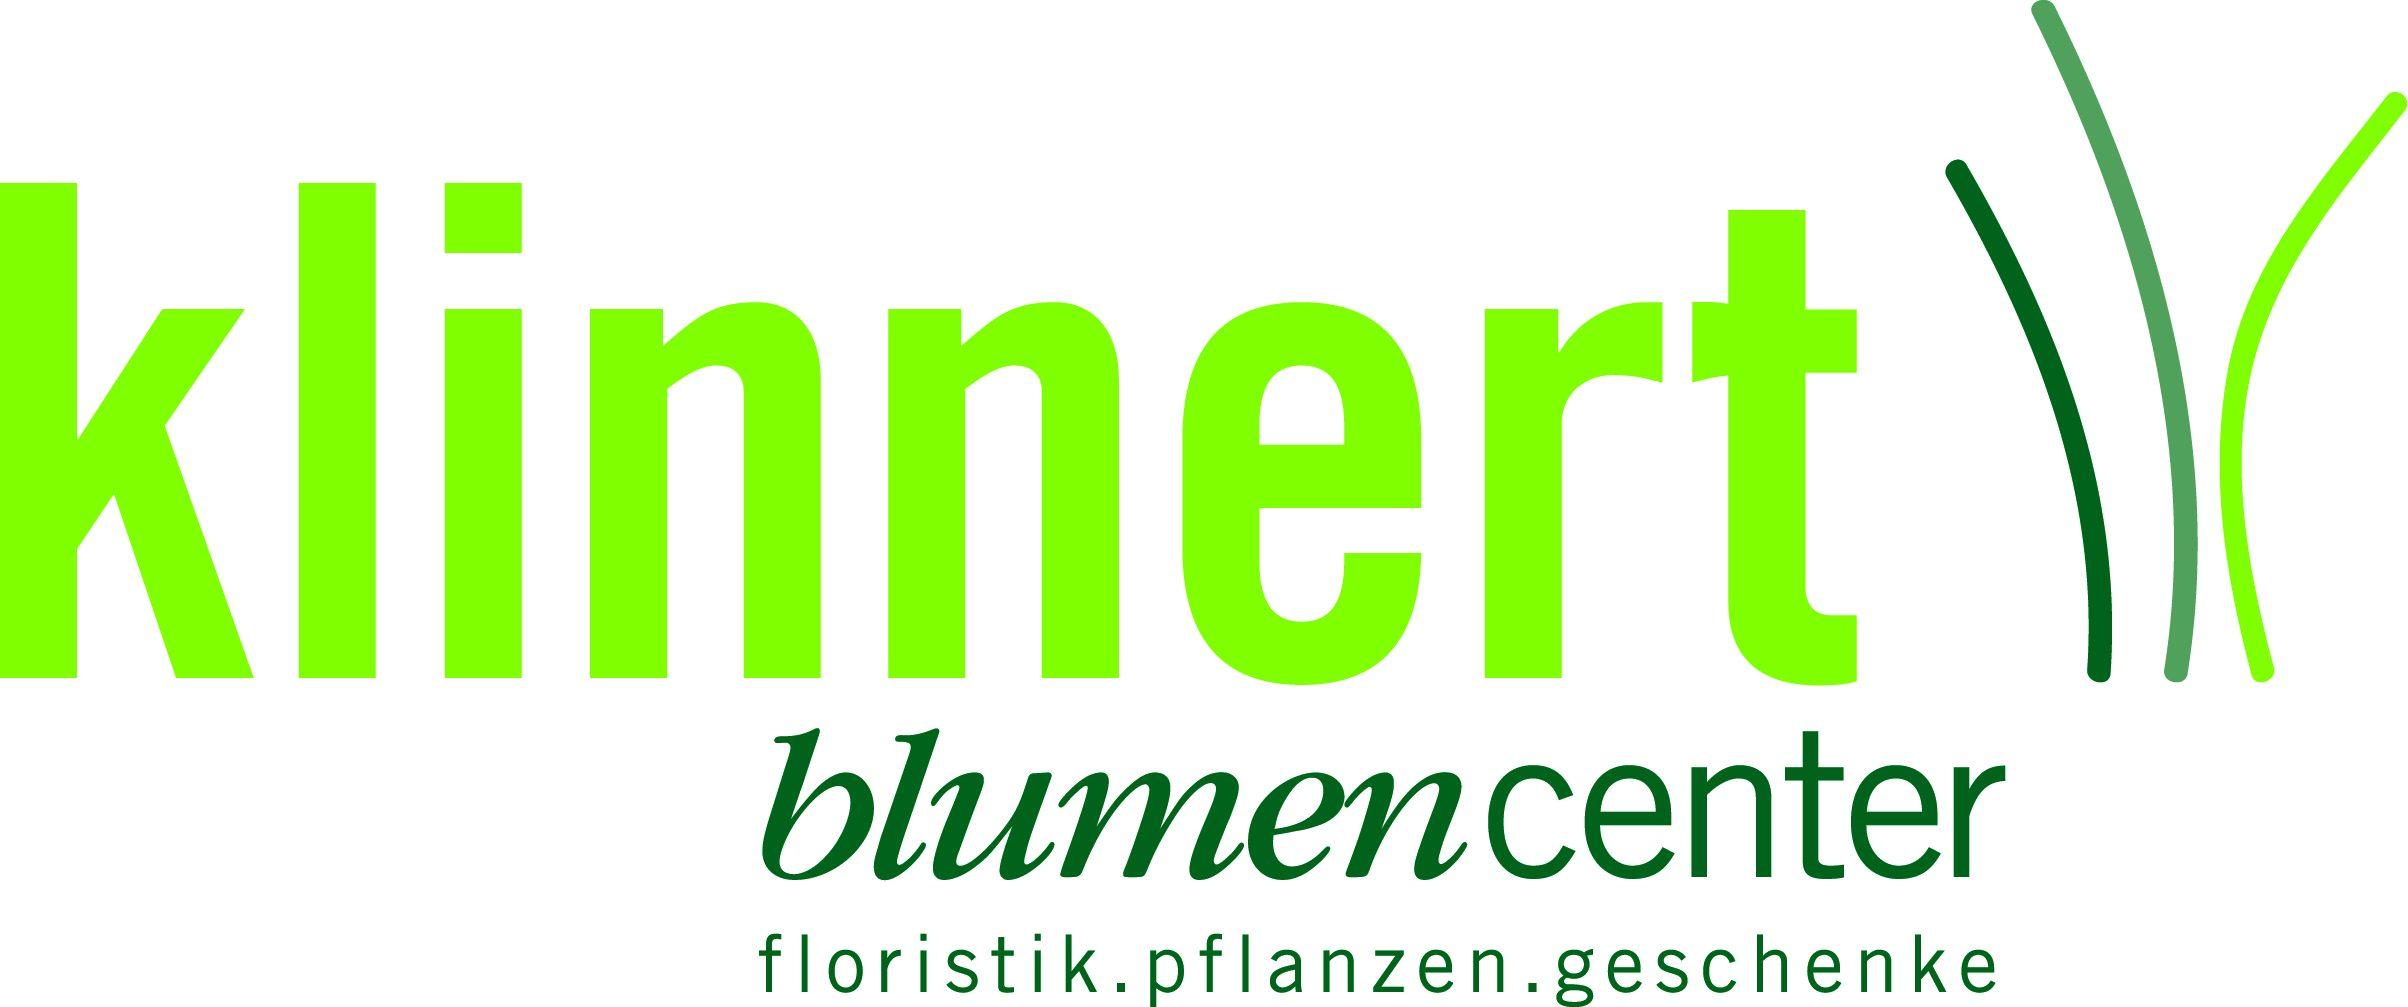 Bauunternehmen Eggenfelden sponsoren